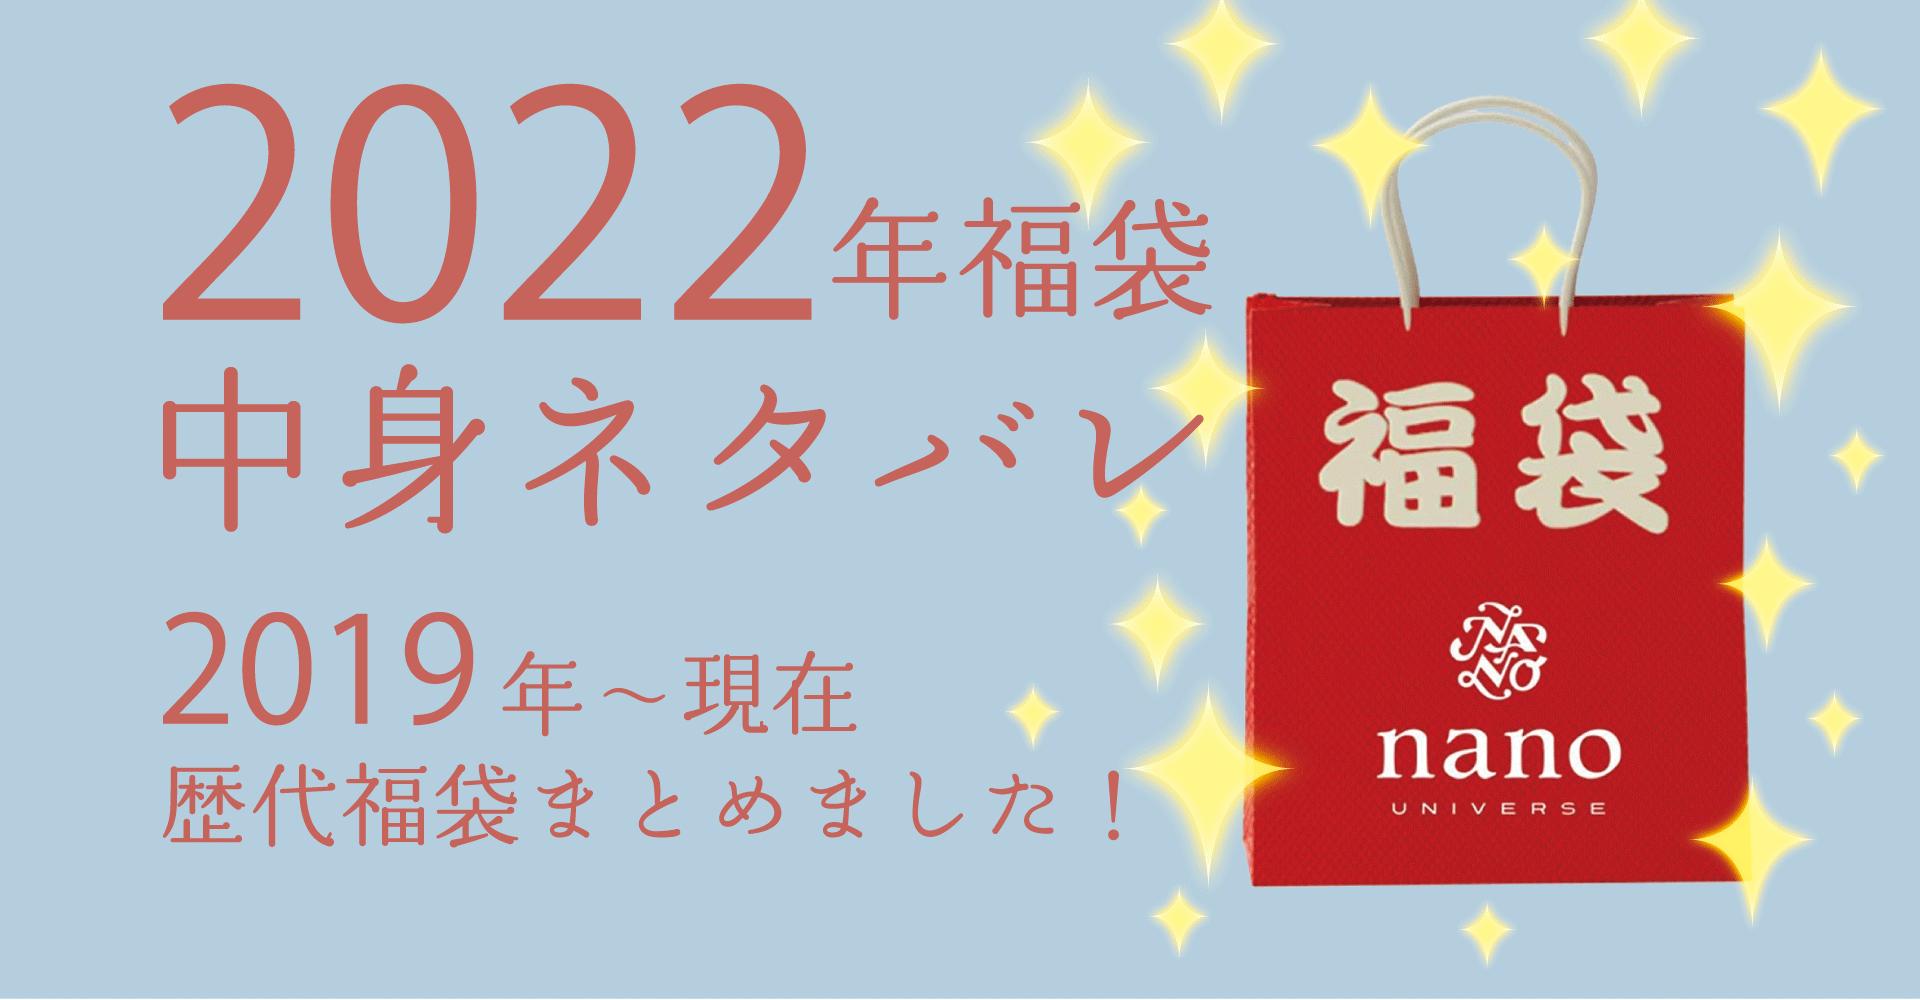 ナノユニバース(メンズ)2022年福袋中身ネタバレ!購入方法やおすすめの通販サイトも!